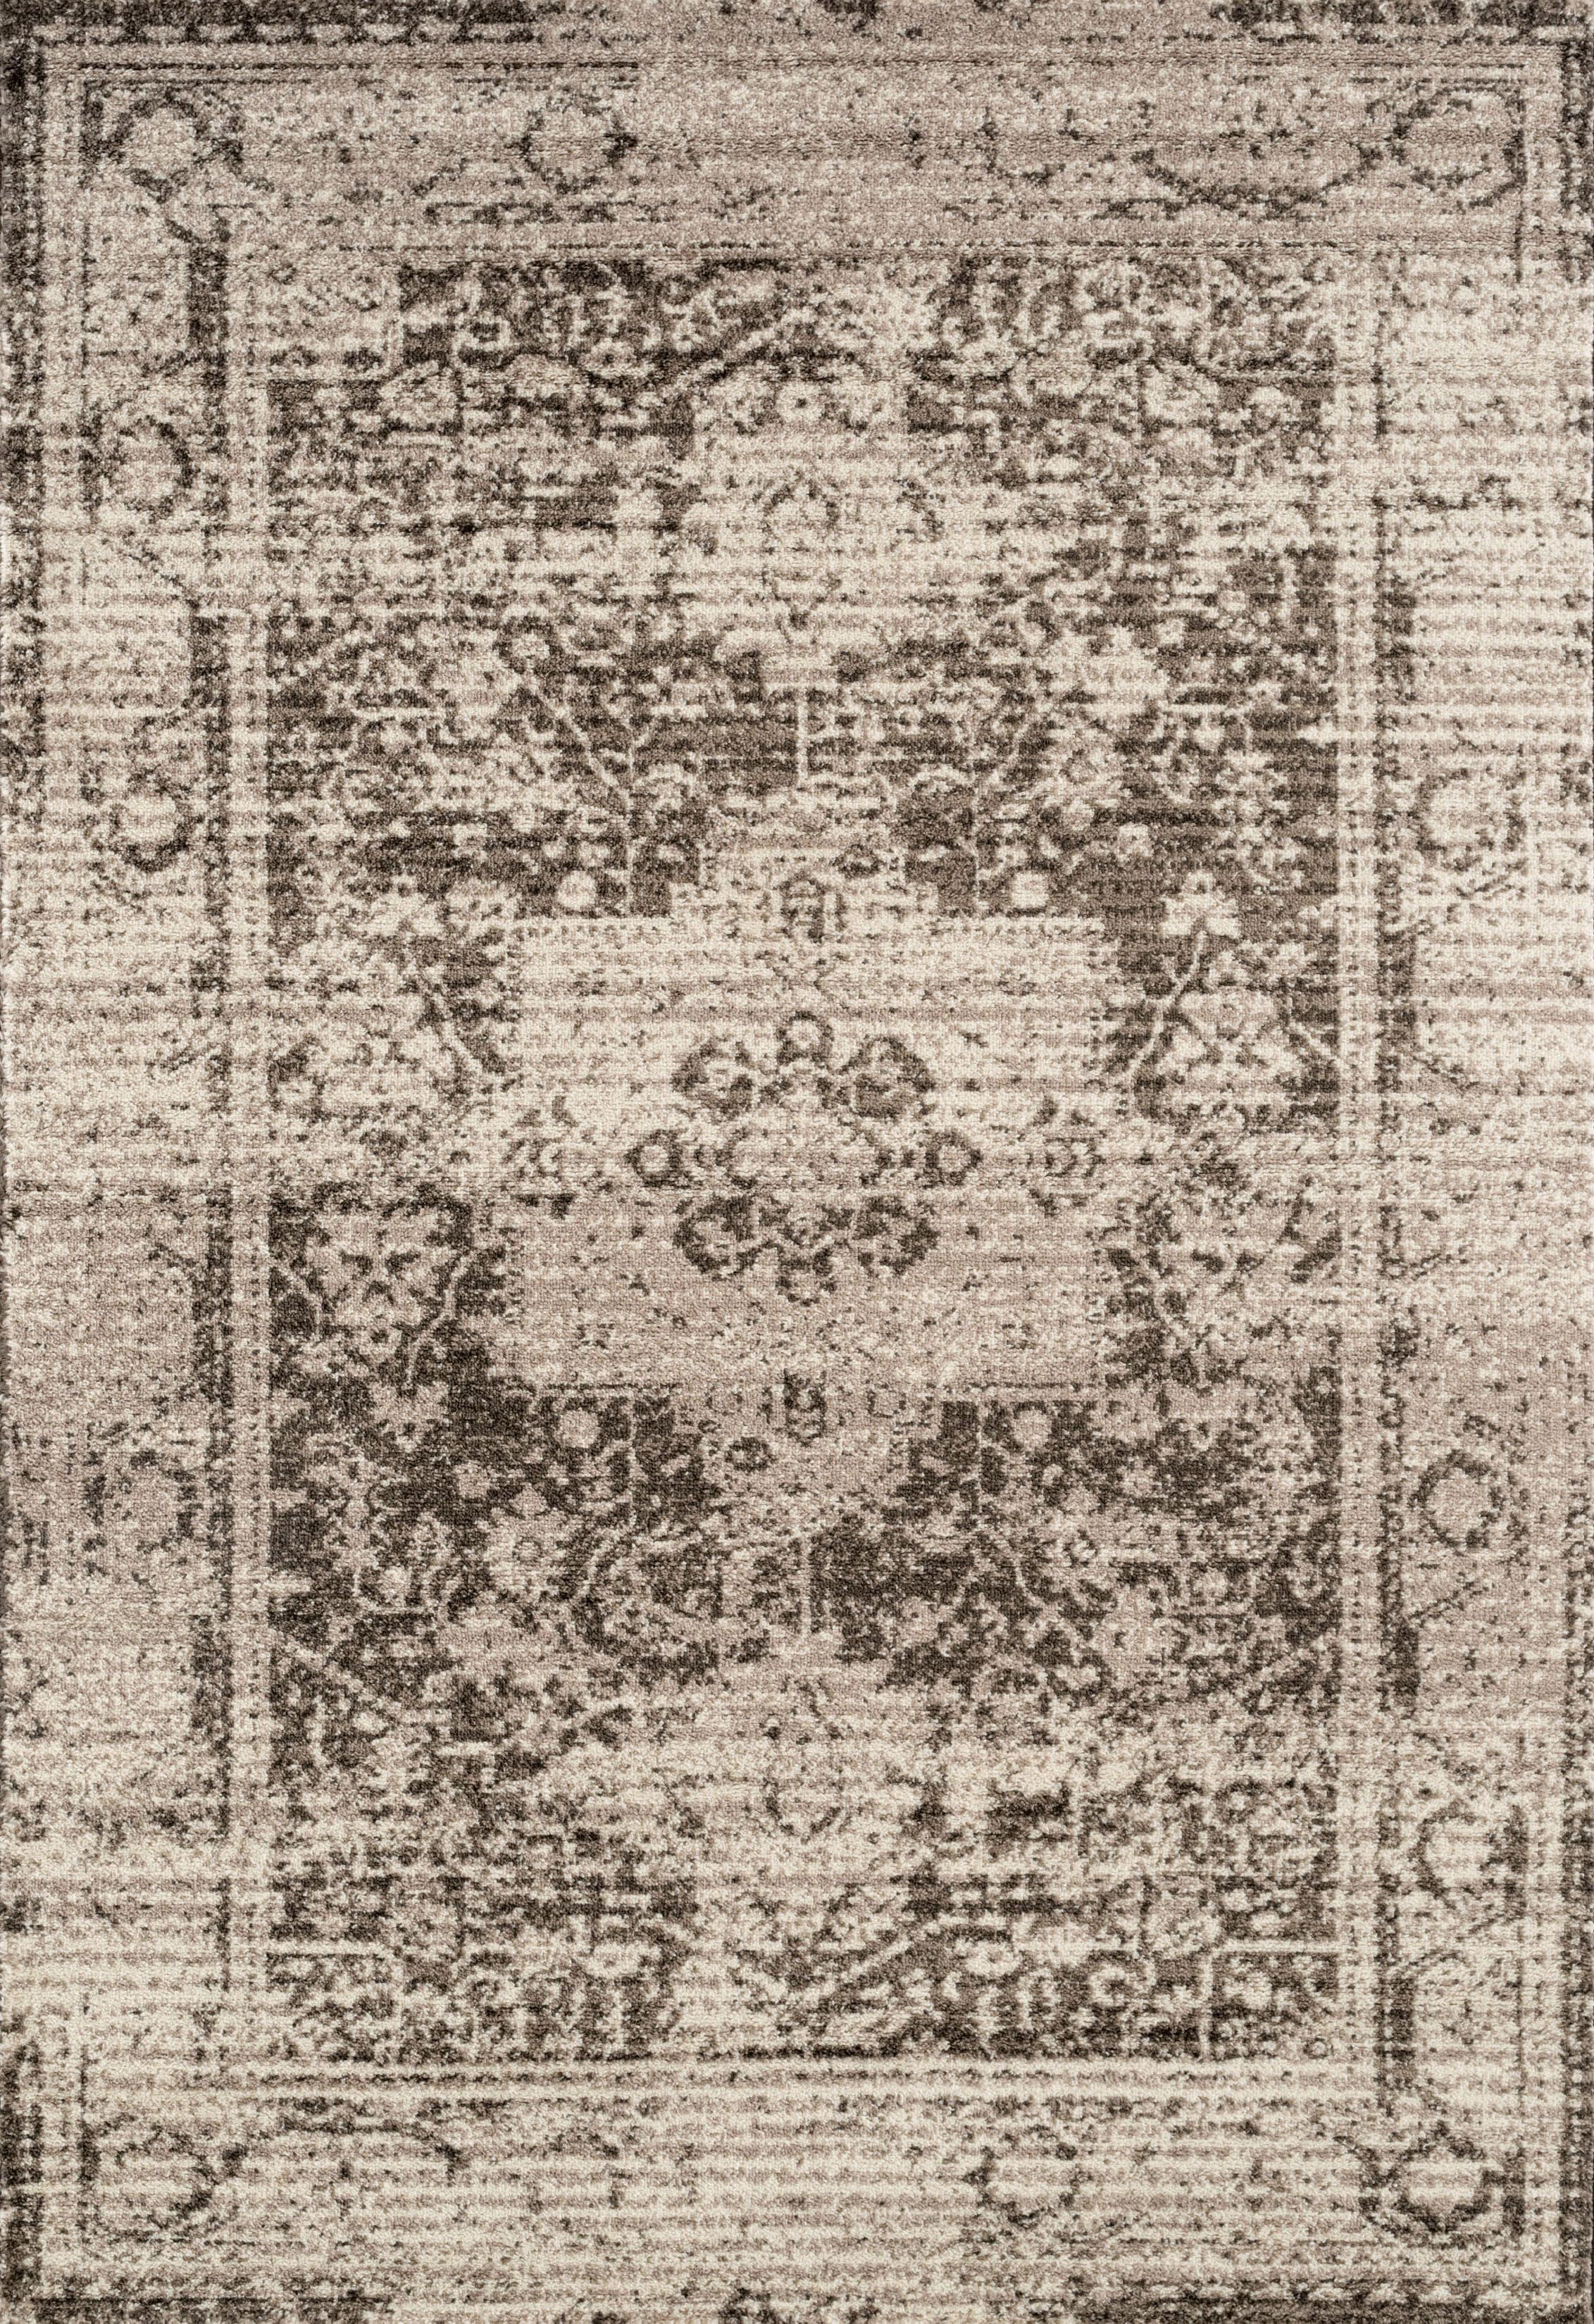 Teppich Rixos 640 Festival rechteckig Höhe 8 mm maschinell gewebt